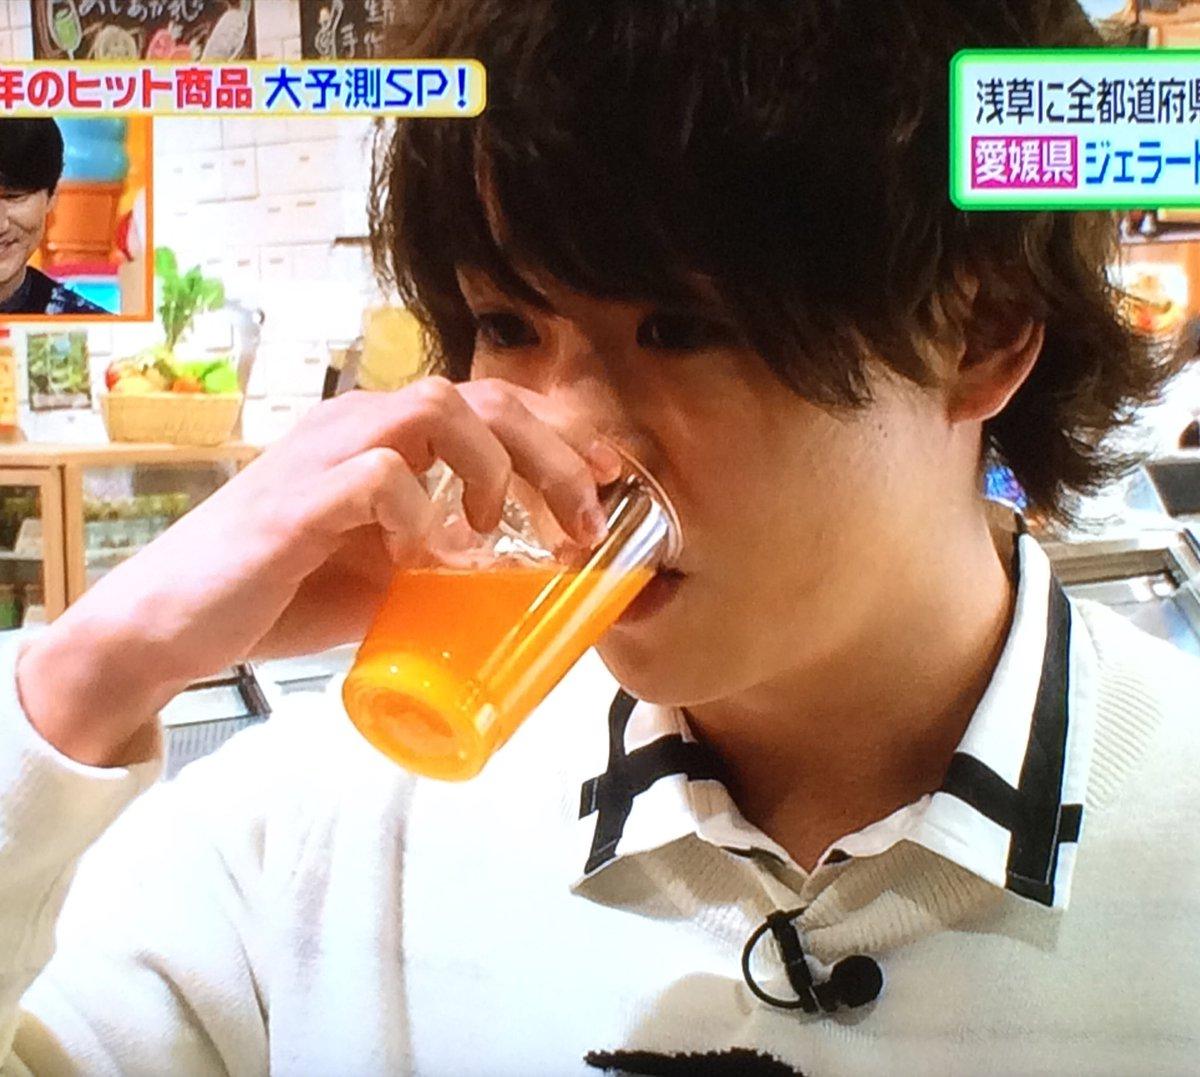 #ヒルナンデス Latest News Trends Updates Images - arioka_mgmg